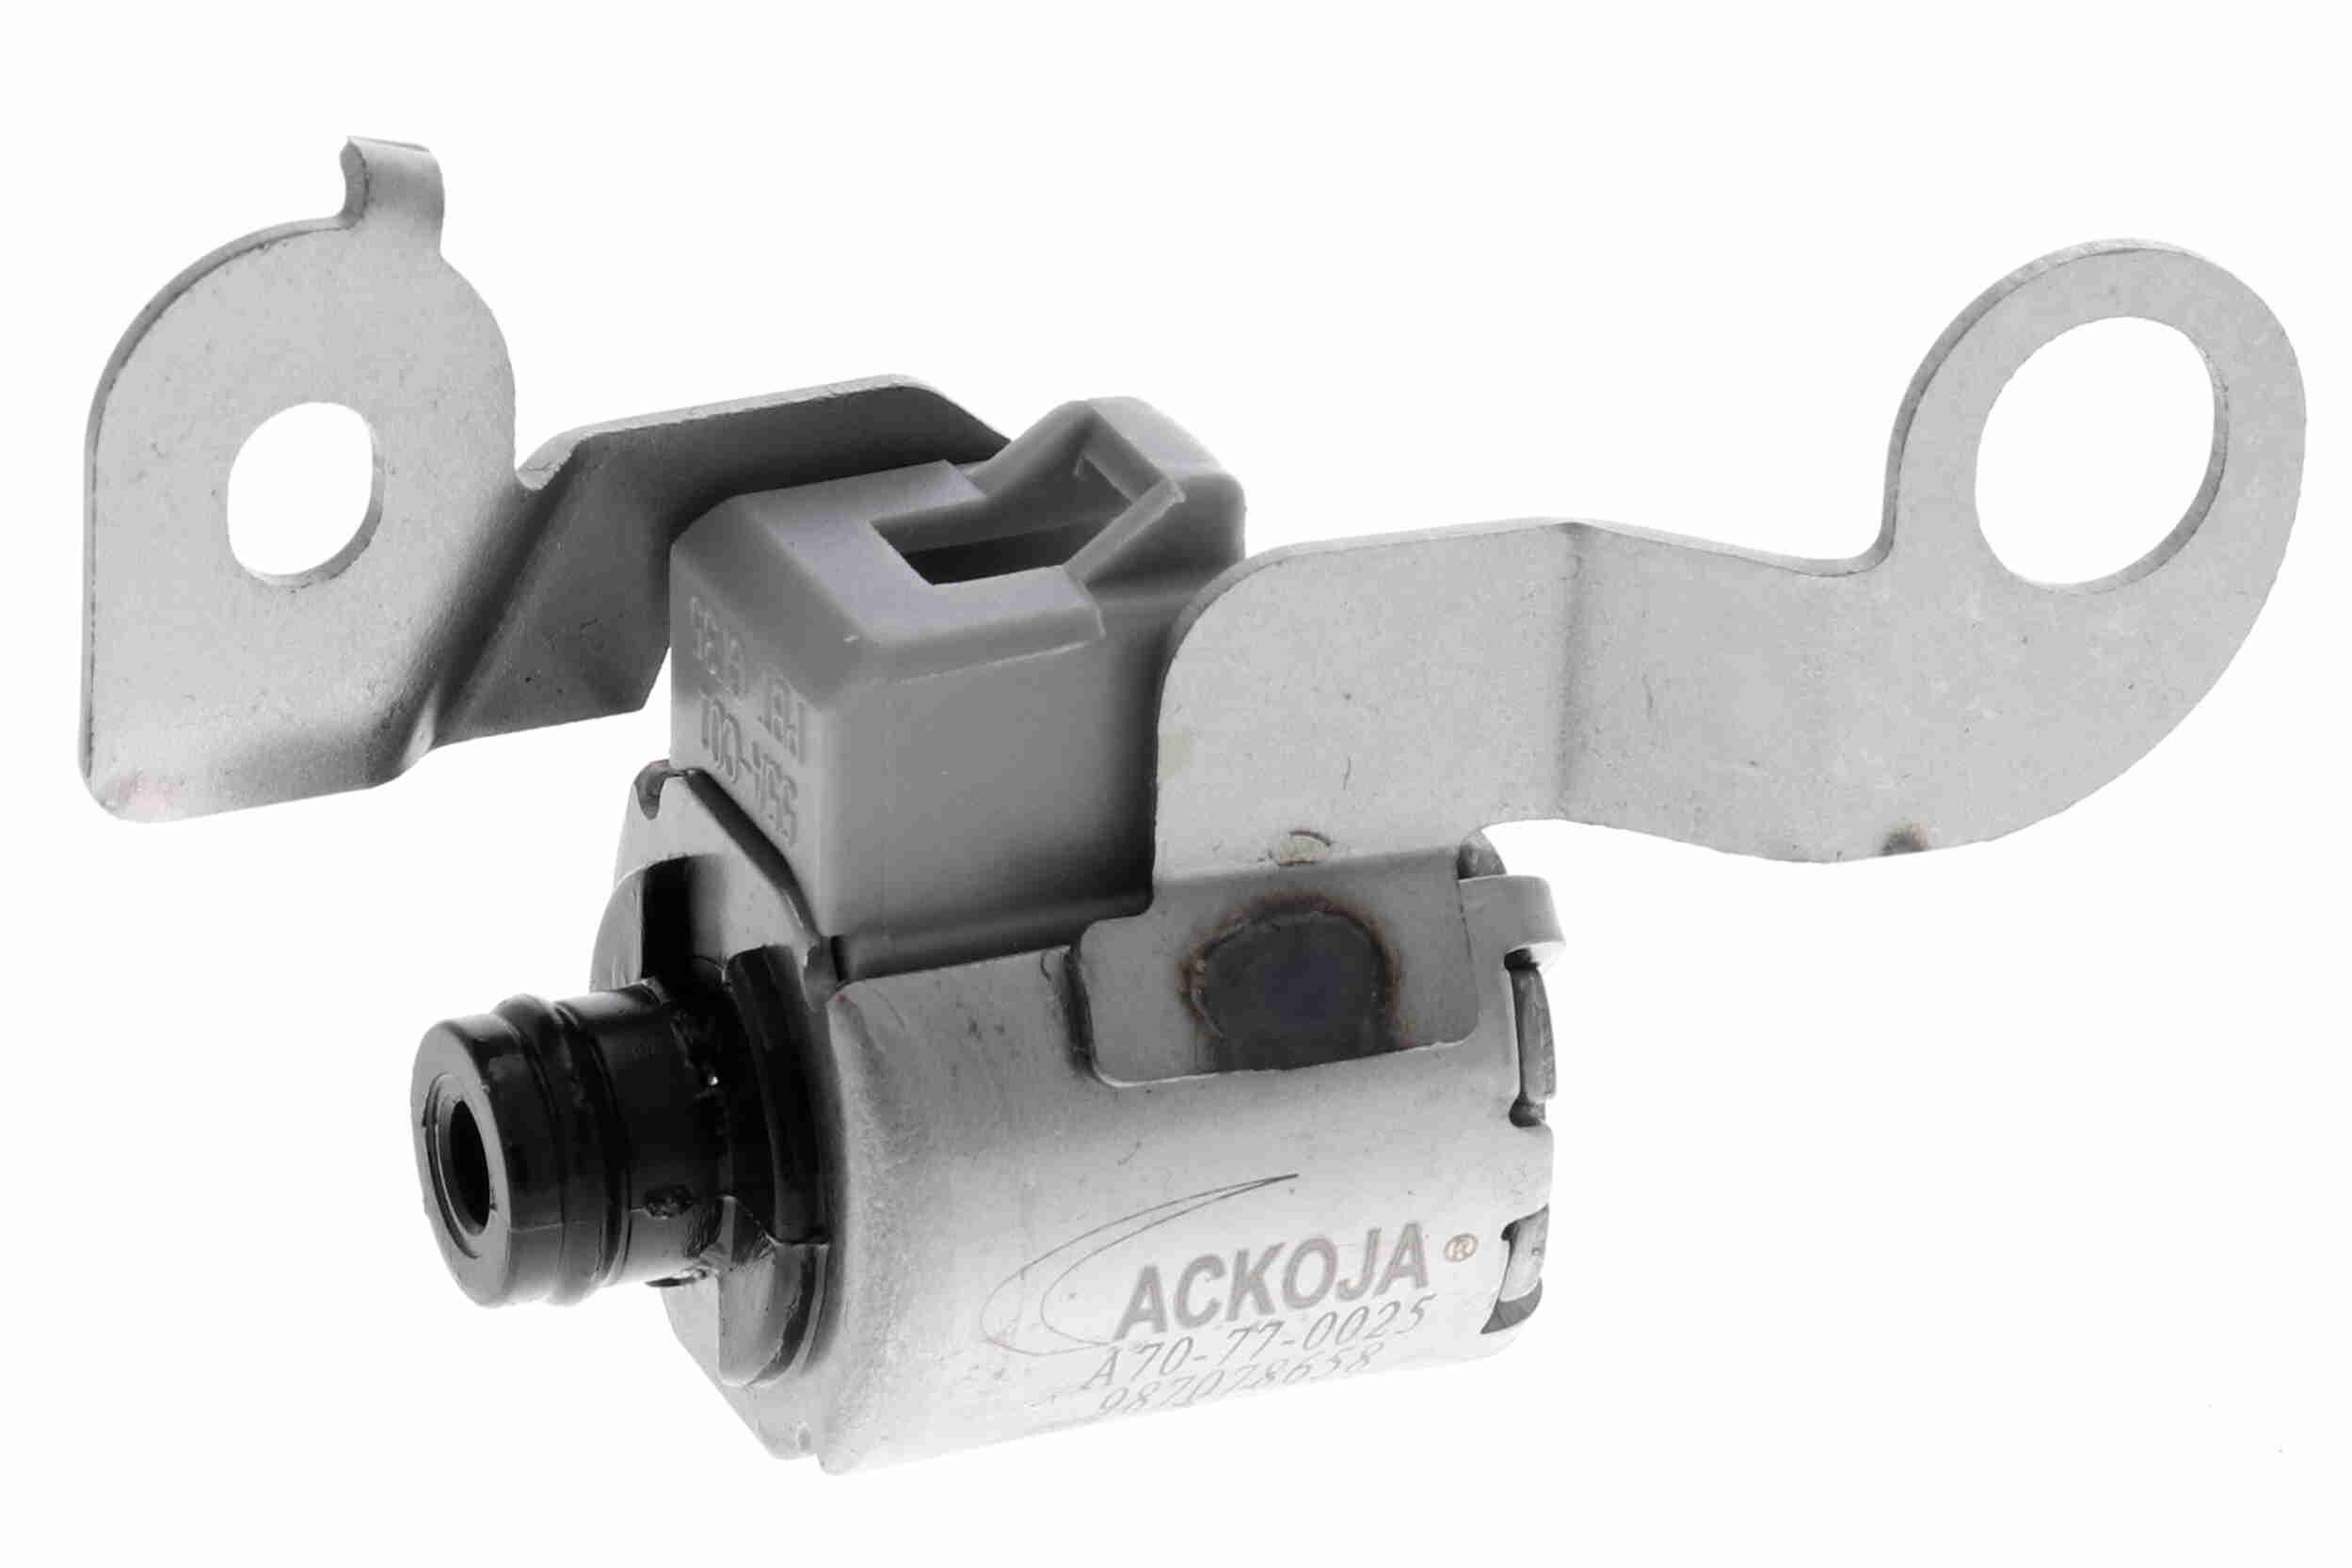 ACKOJA: Original Schaltventil, Automatikgetriebe A70-77-0025 ()